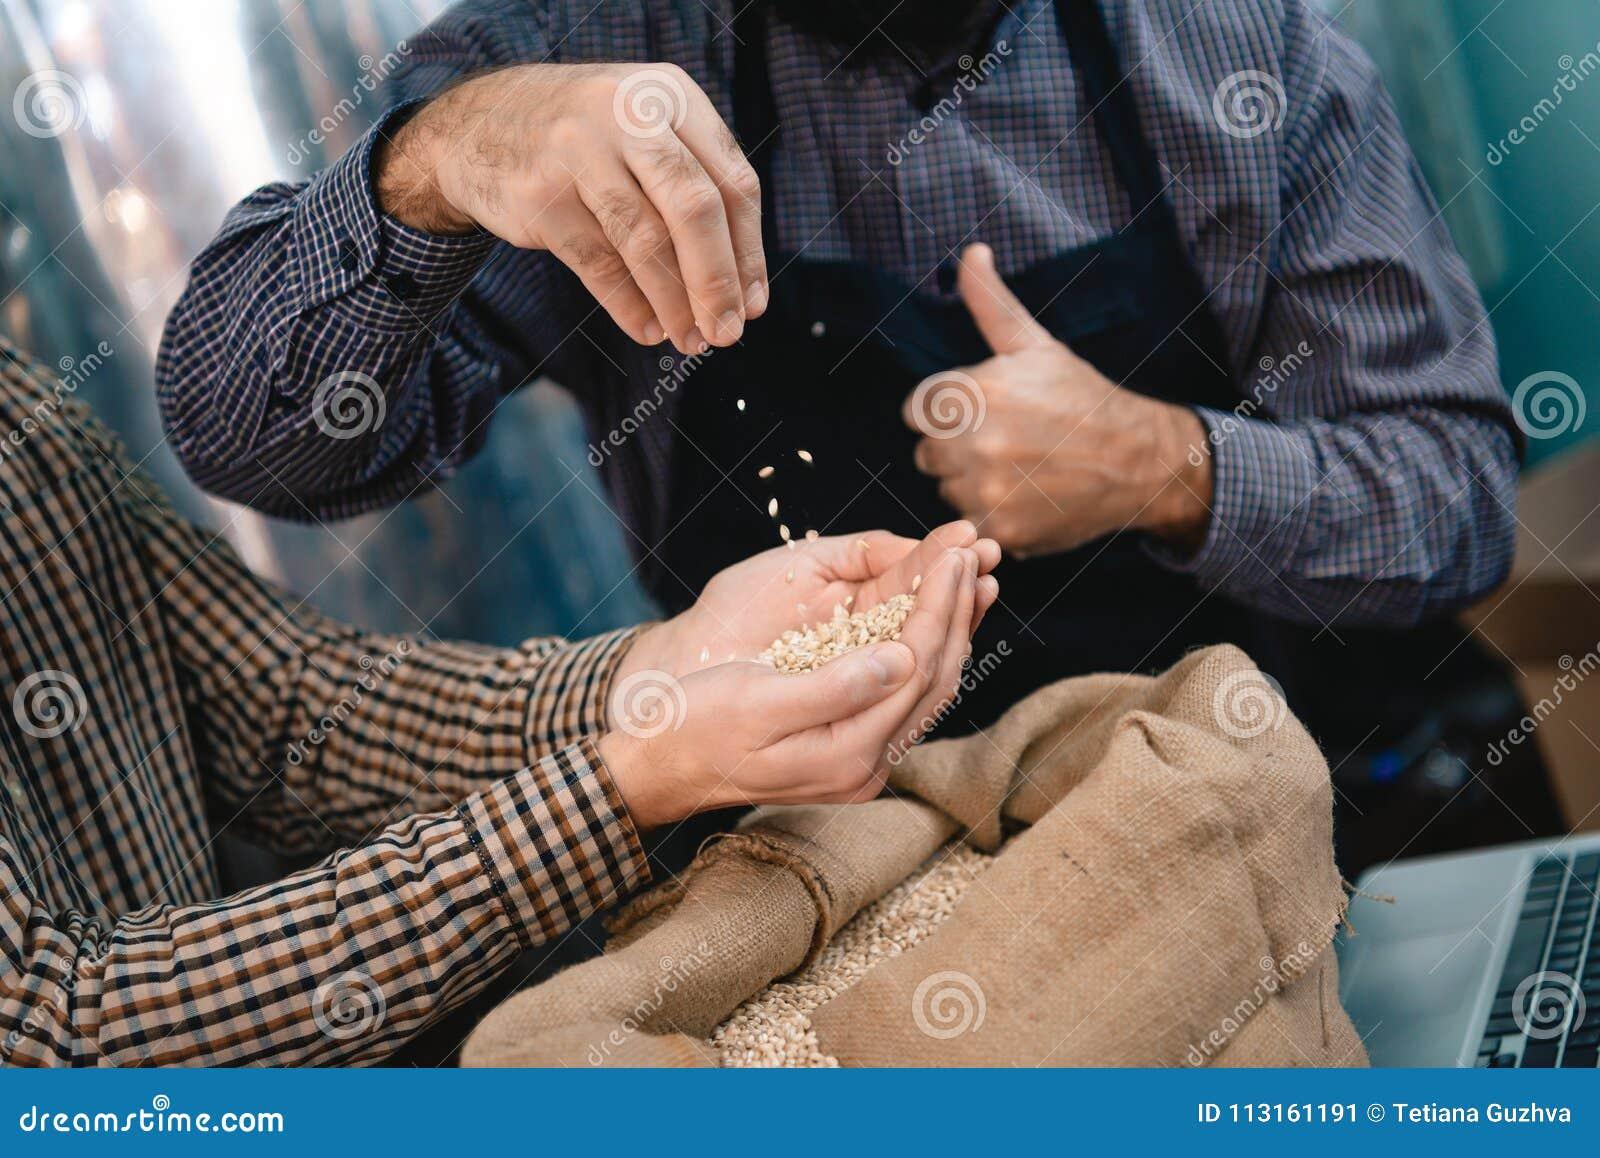 Las manos masculinas toman el brazado de cebada del bolso Control de calidad de la cebada para la producción de la cerveza